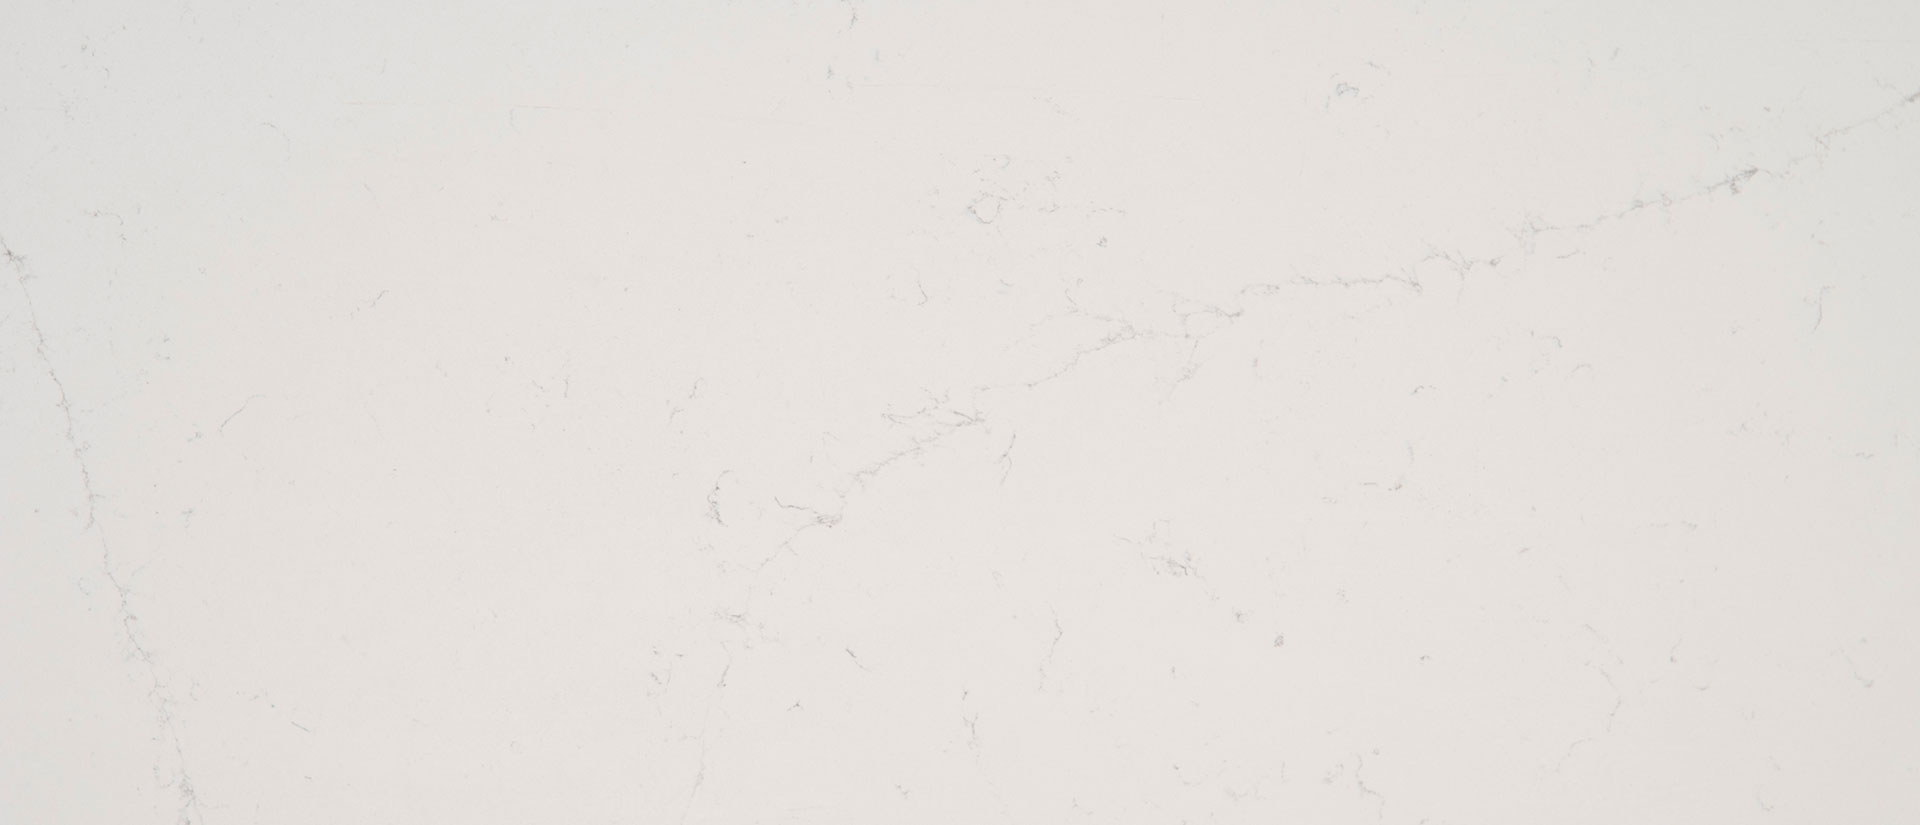 Alabaster White Quartz